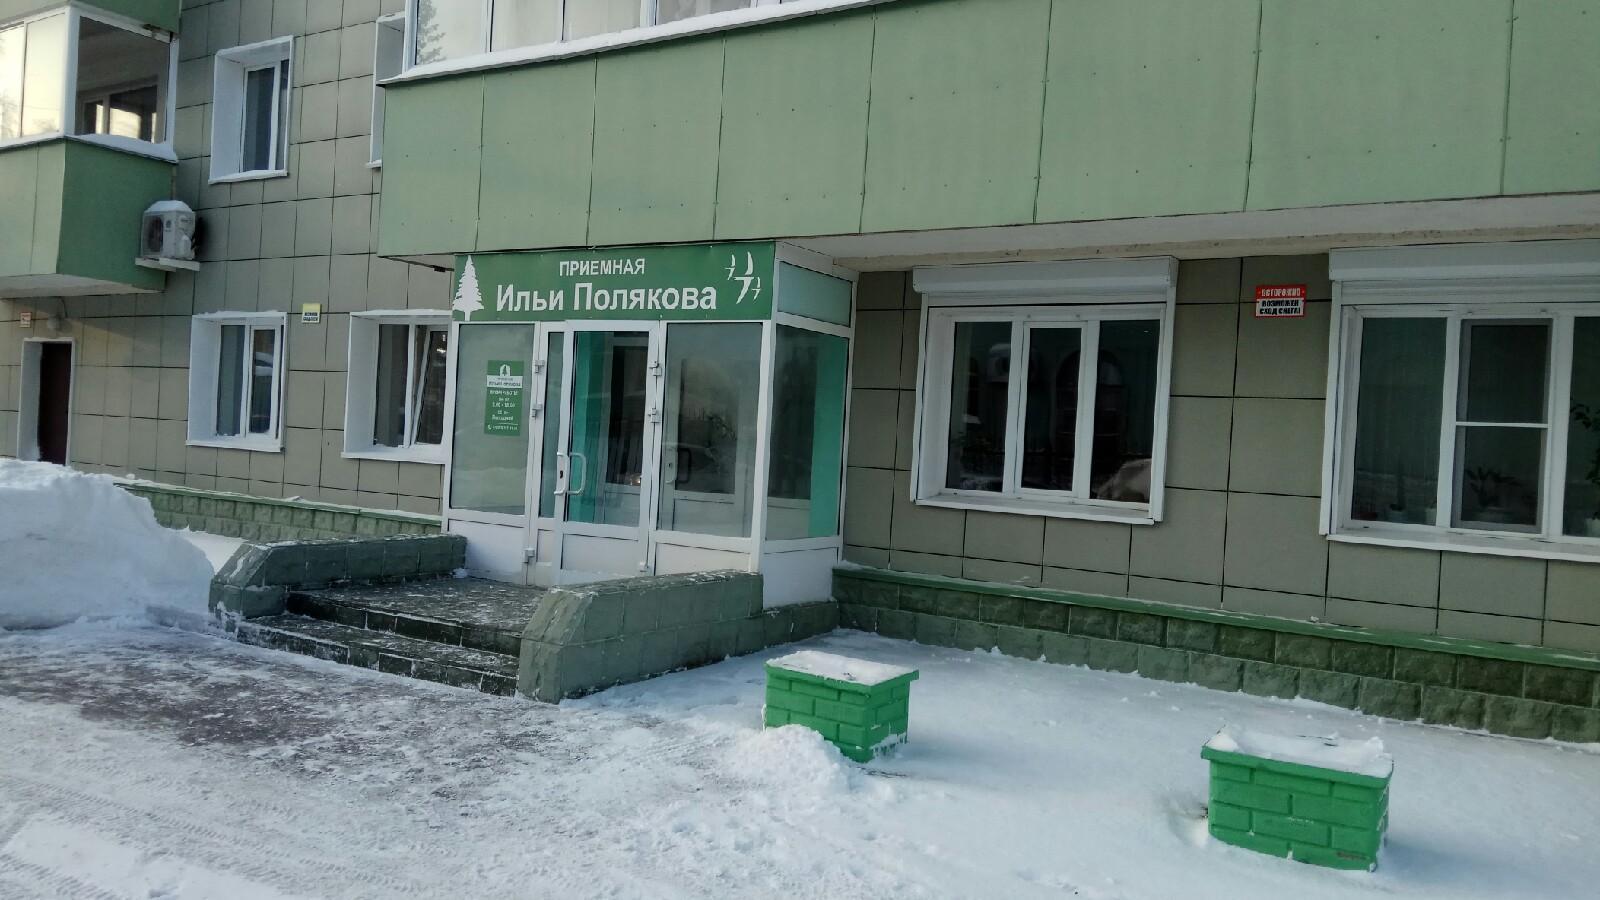 Фото Руководители ТОС поддержали планы Ильи Полякова по обновлению Заельцовского района 2